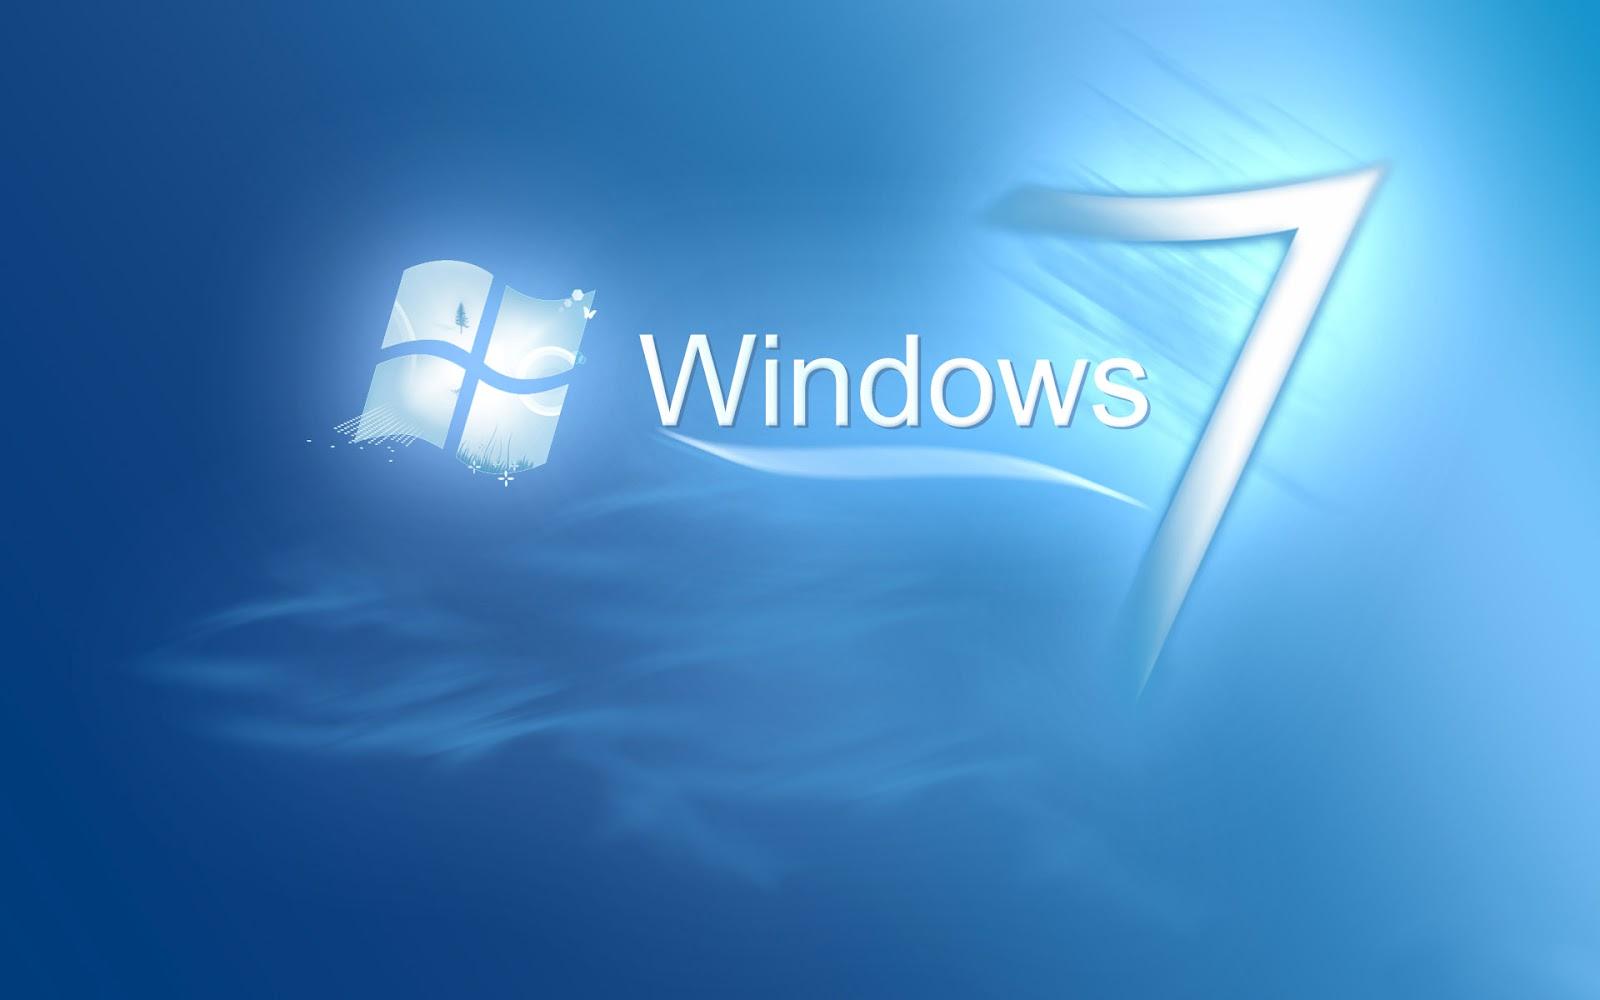 http://4.bp.blogspot.com/-xaAgn-iSxRQ/TzeTvxIp18I/AAAAAAAAFag/0dIcNIRdb-k/s1600/Windows+7+Wallpapers+2.jpg